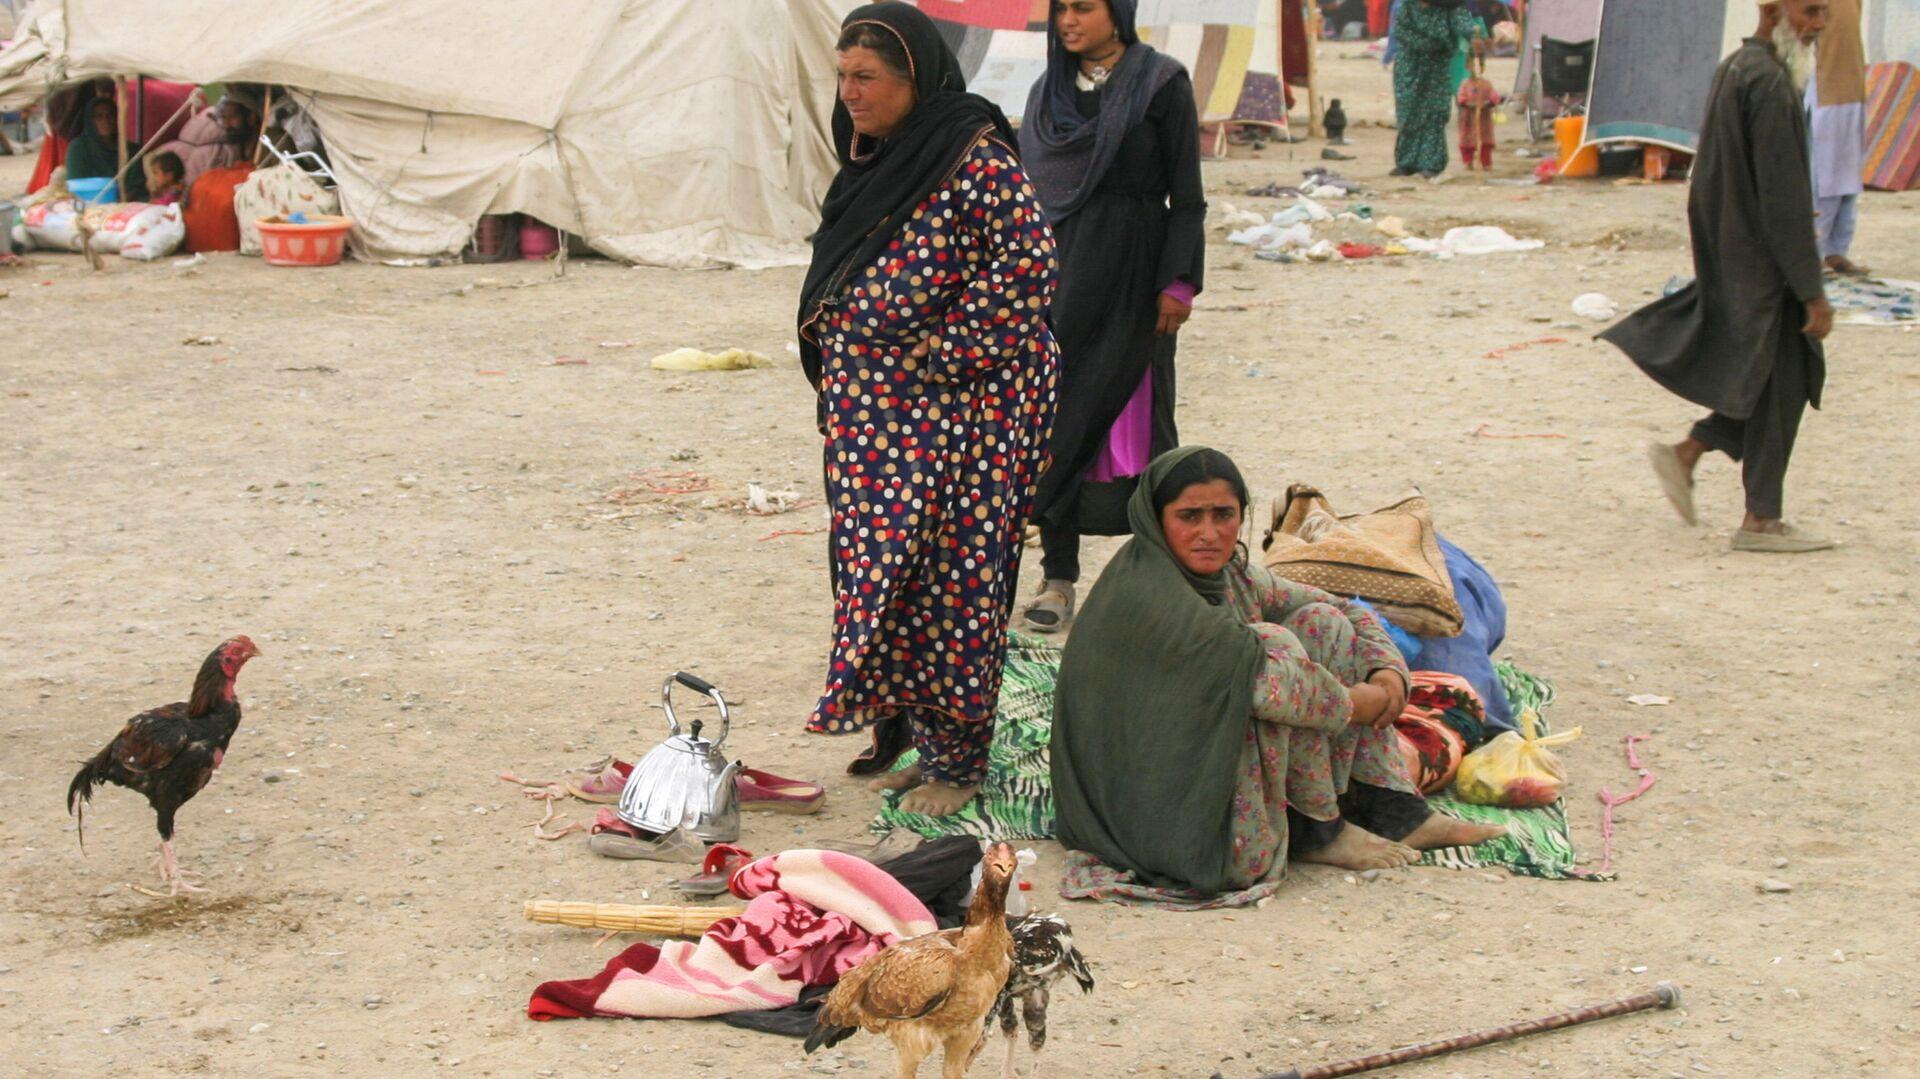 Семья афганских беженцев с вещами возле железнодорожной станции в Чамане, Пакистан - Sputnik Ўзбекистон, 1920, 07.10.2021